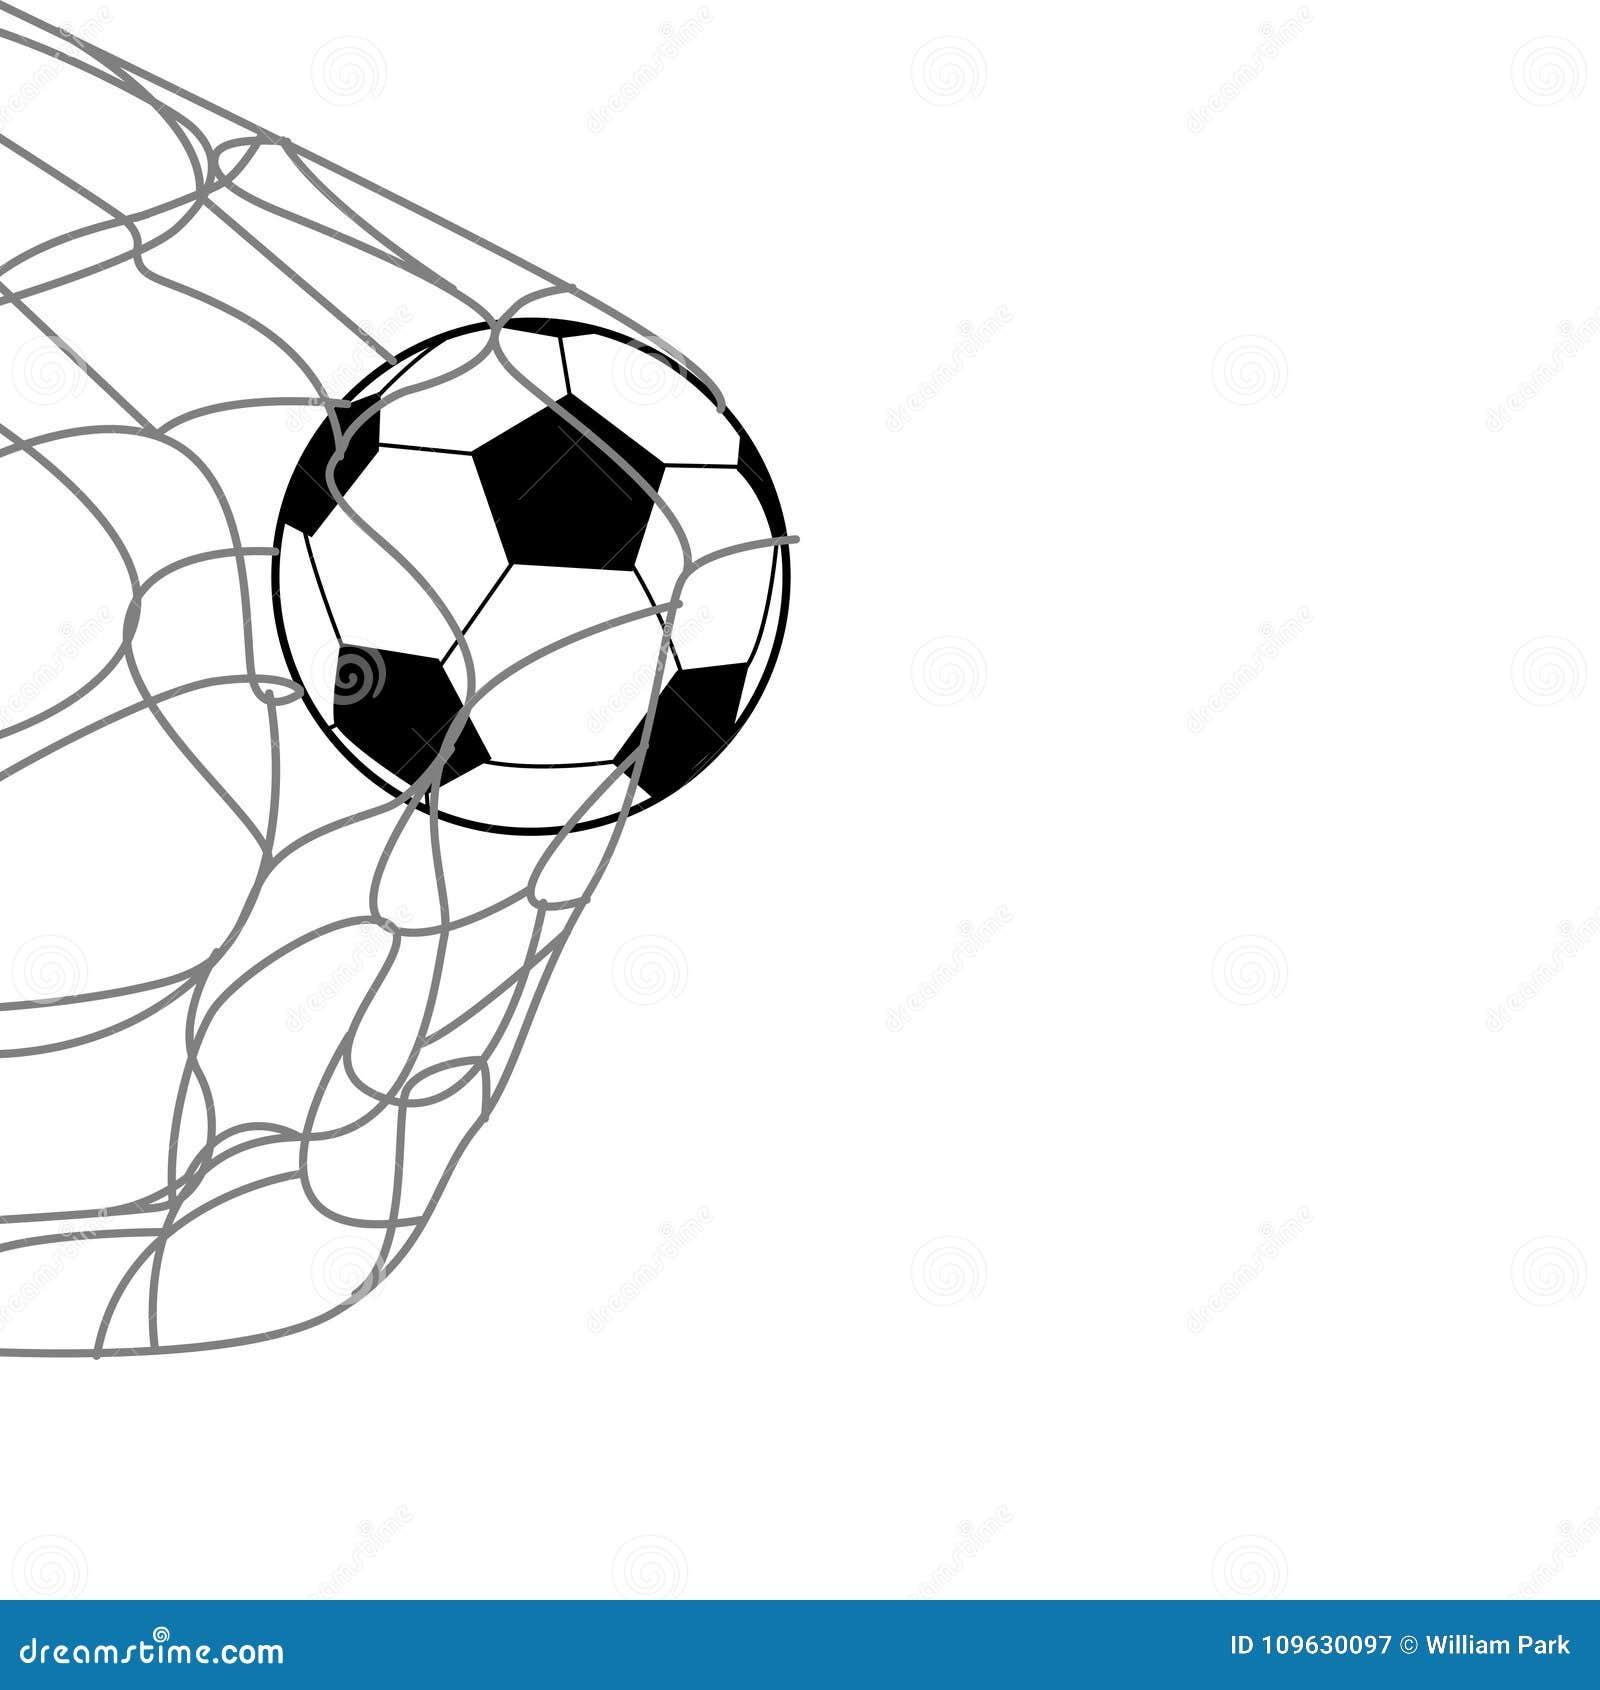 Ein Fußball auf der Rückseite des Netzes